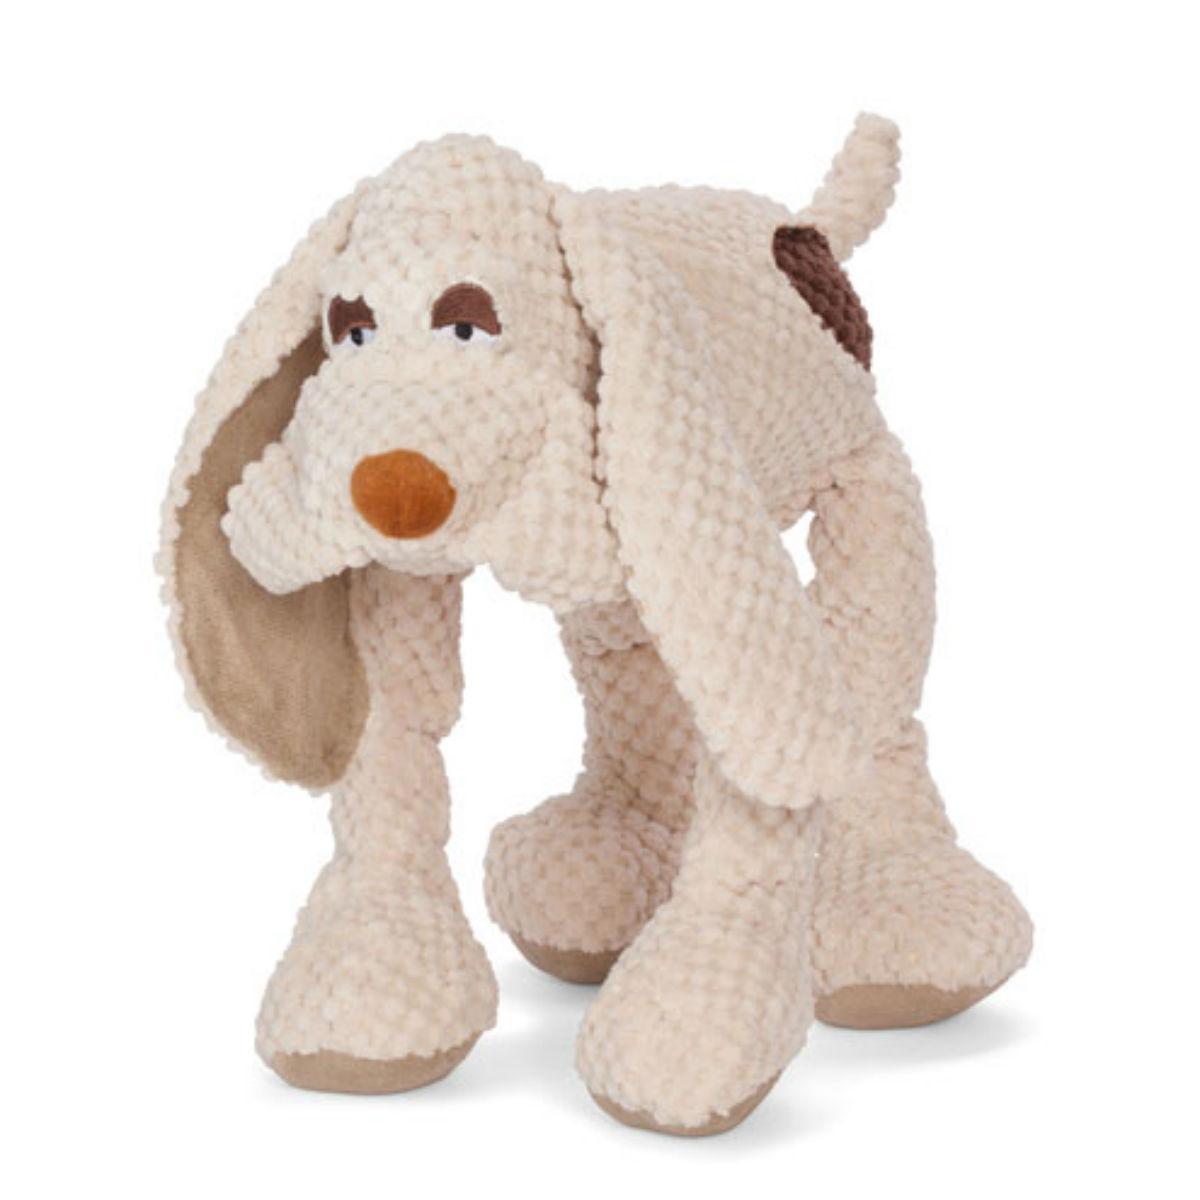 fabdog® Floppy Friends Dog Toy - Camel Dog